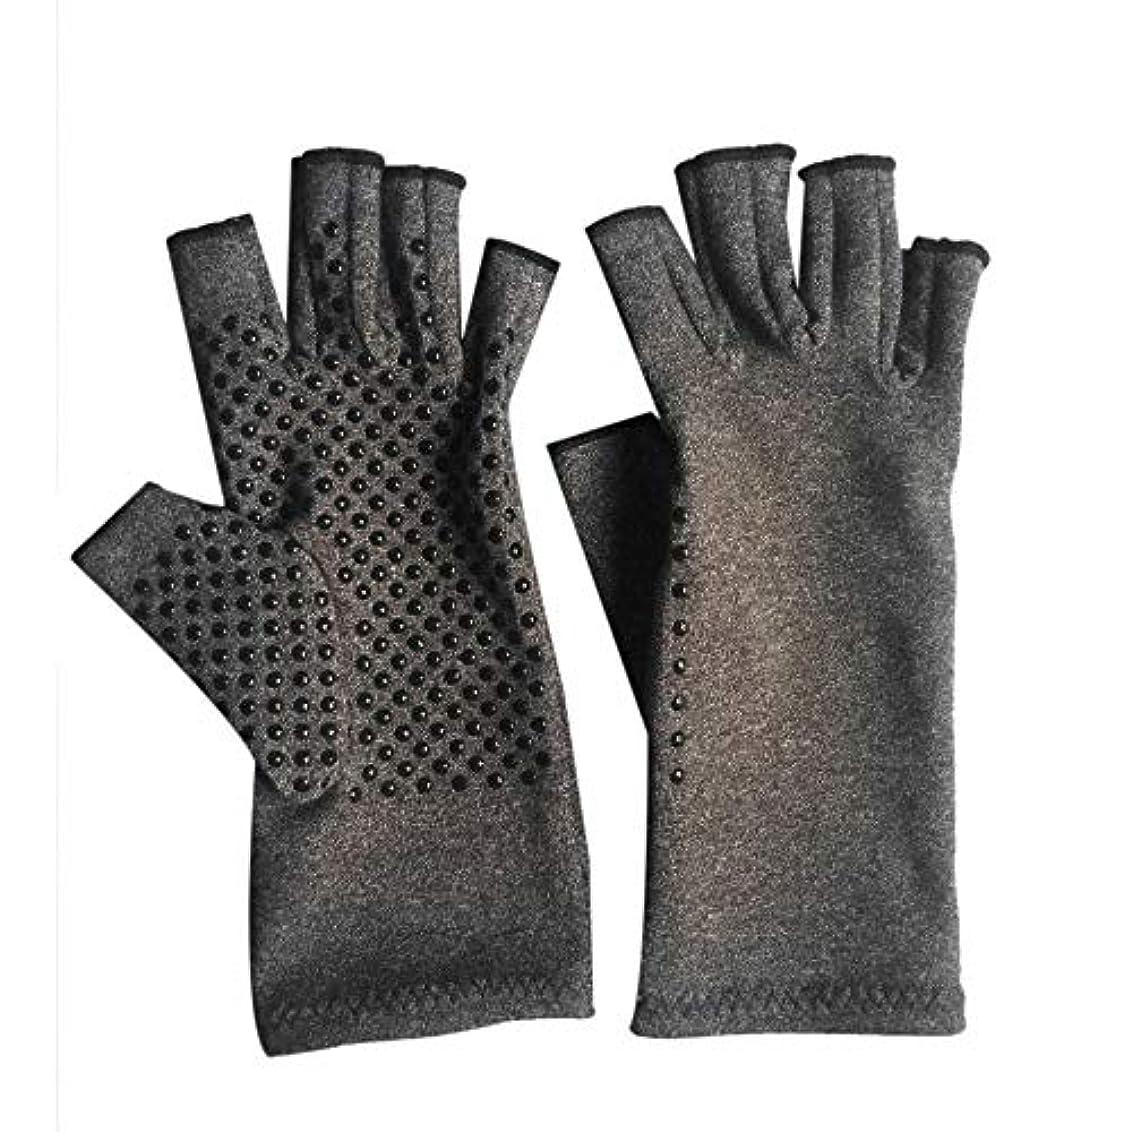 必需品未亡人嘆願1ペアユニセックス男性女性療法圧縮手袋関節炎関節痛緩和ヘルスケア半指手袋トレーニング手袋 - グレーM